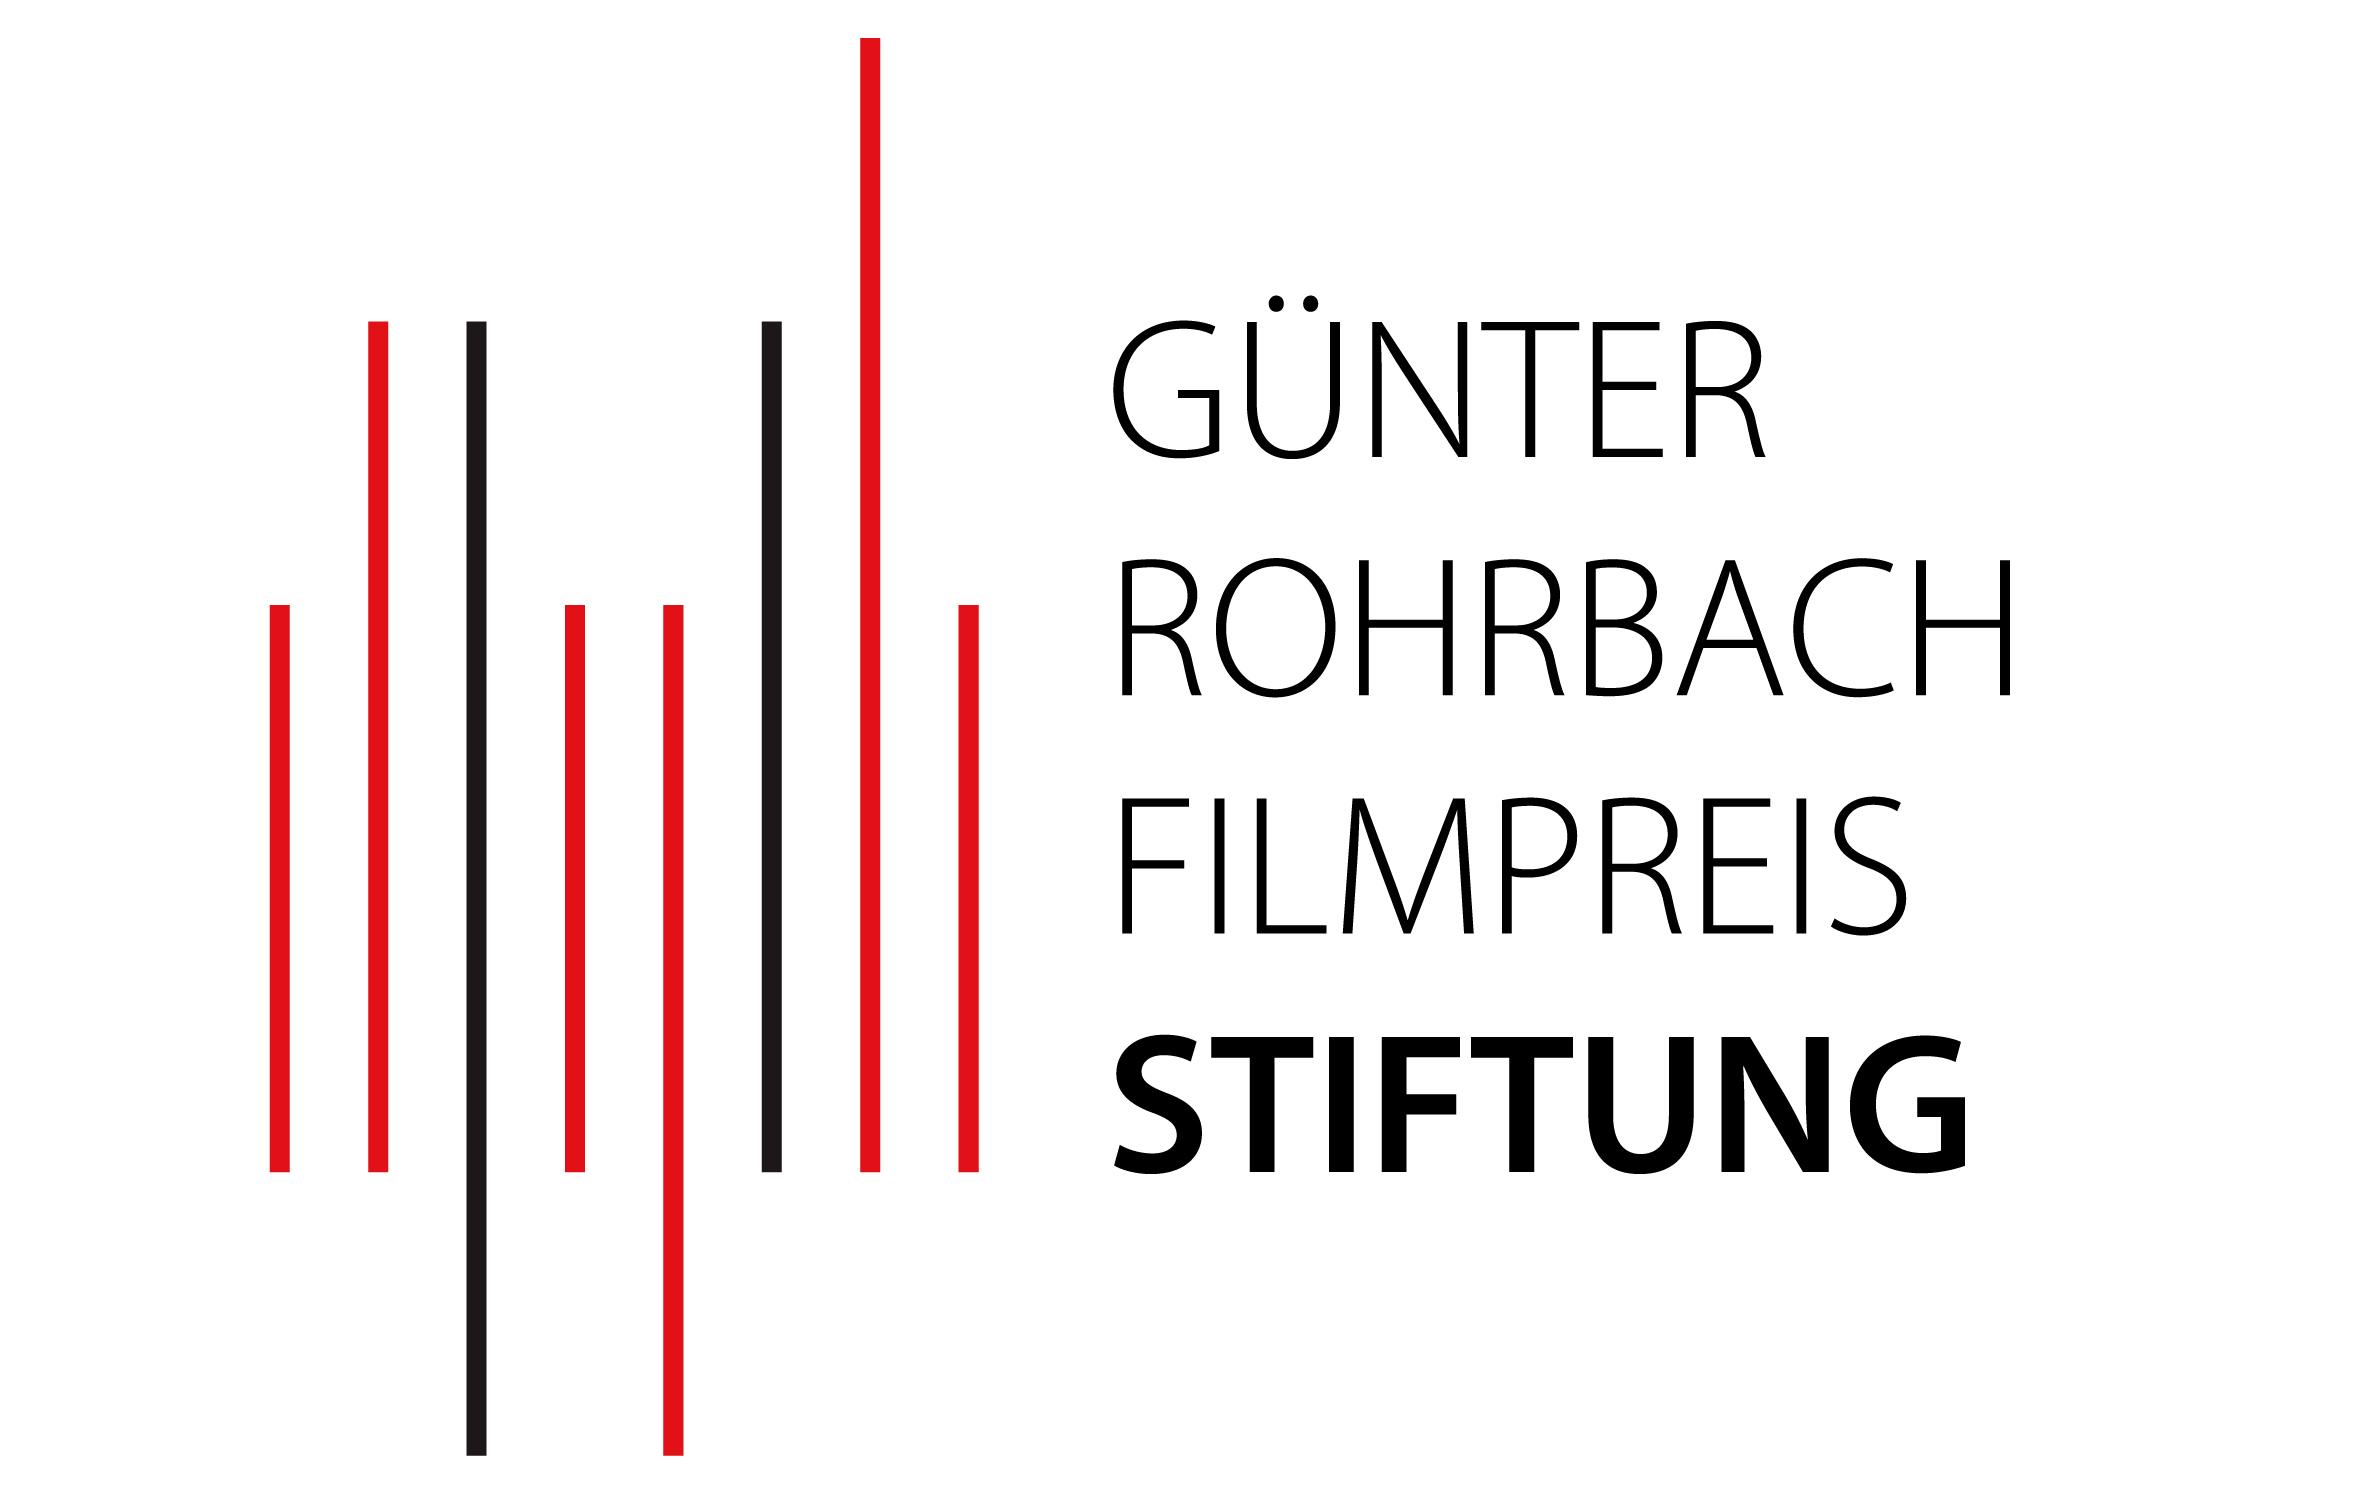 Günter Rohrbach Filmpreis Stiftung